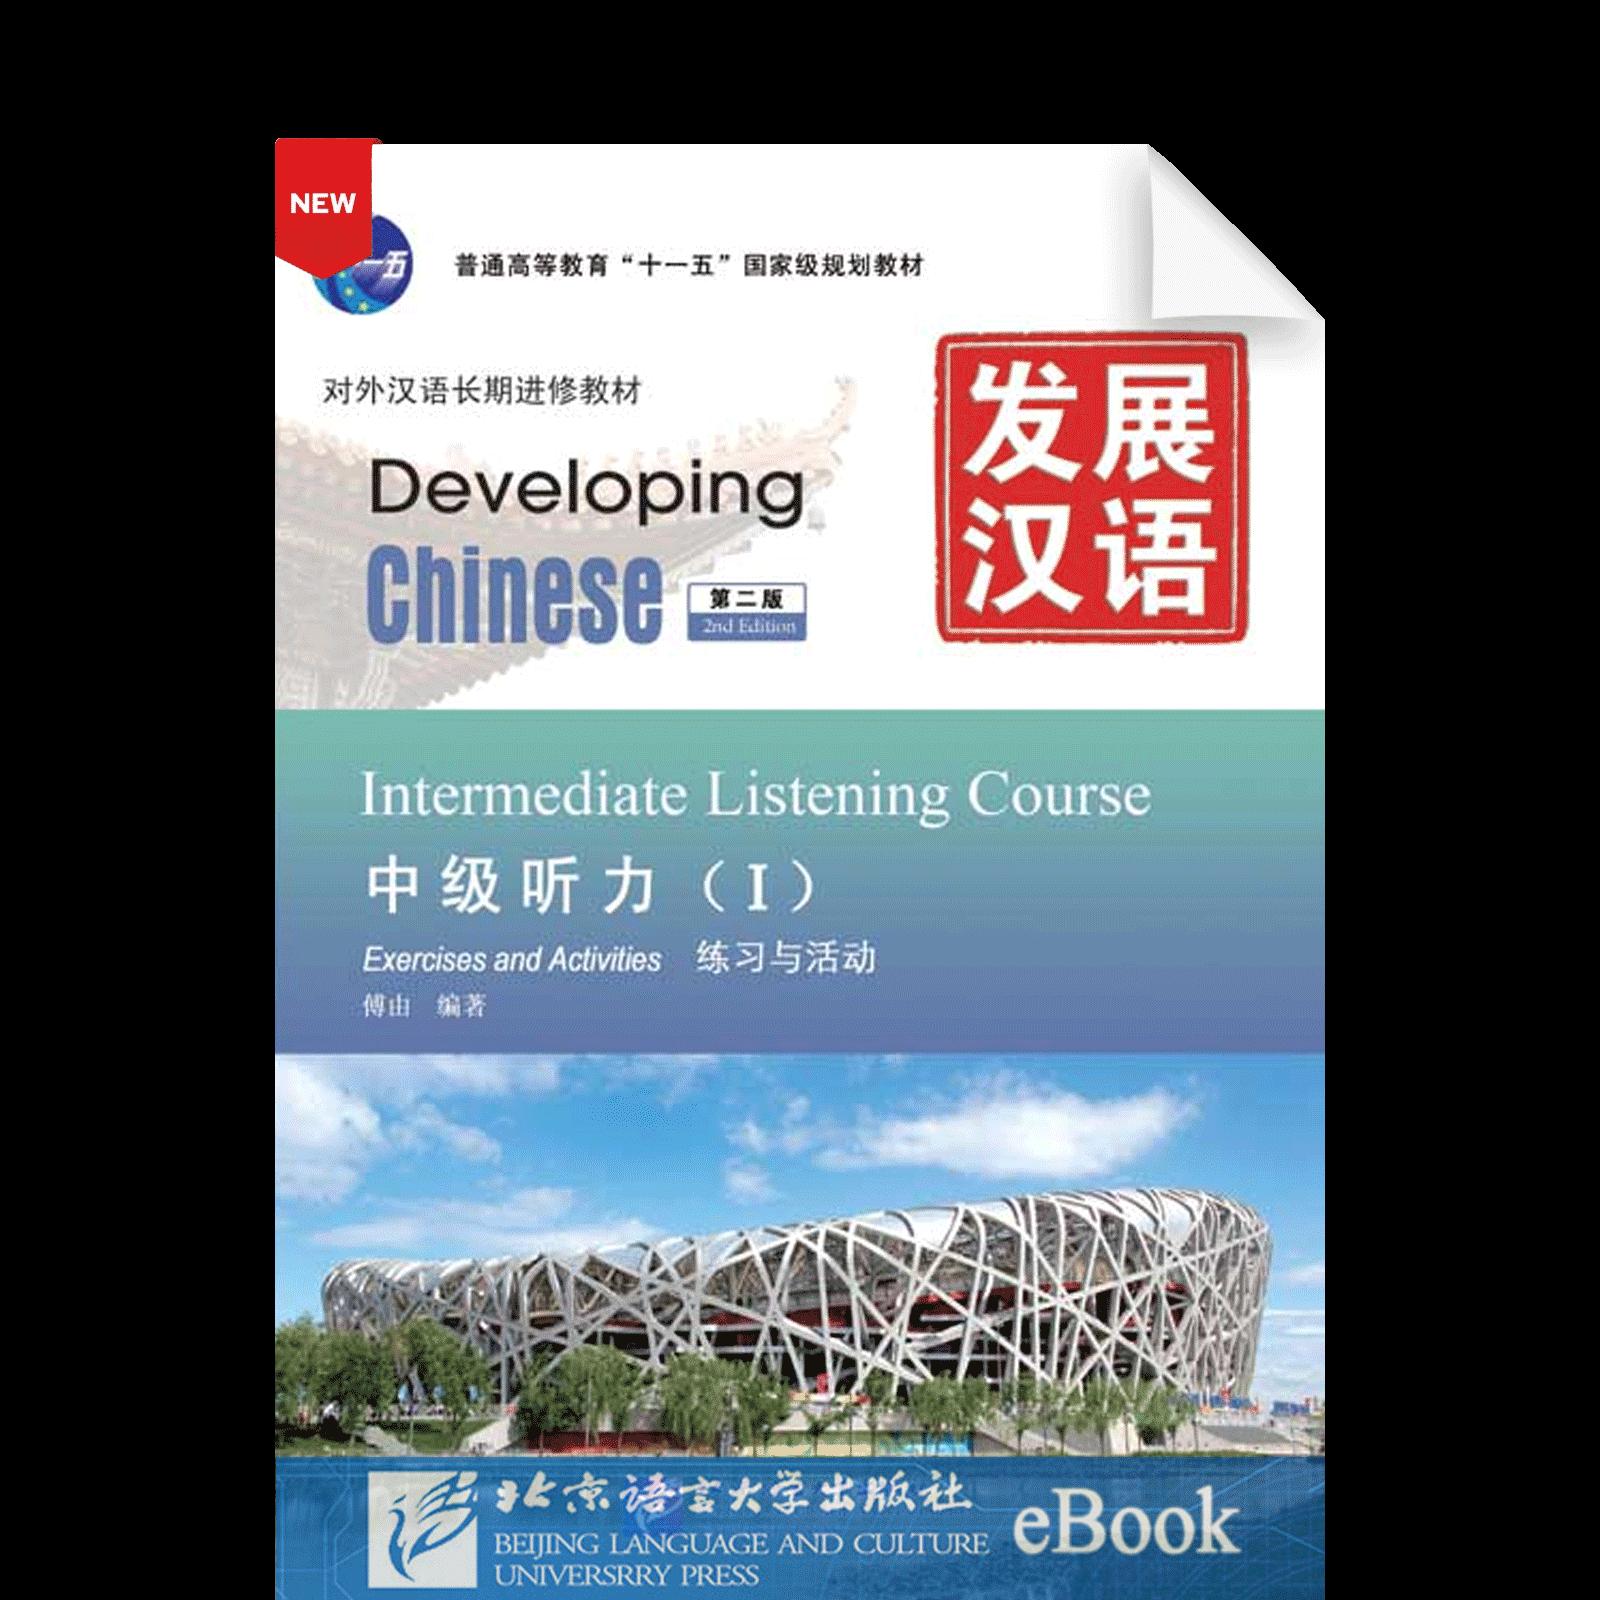 Developing Chinese Fazhan Hanyu Di2Ban Zhongji Tingli Lianxi Huodong Di1Ce